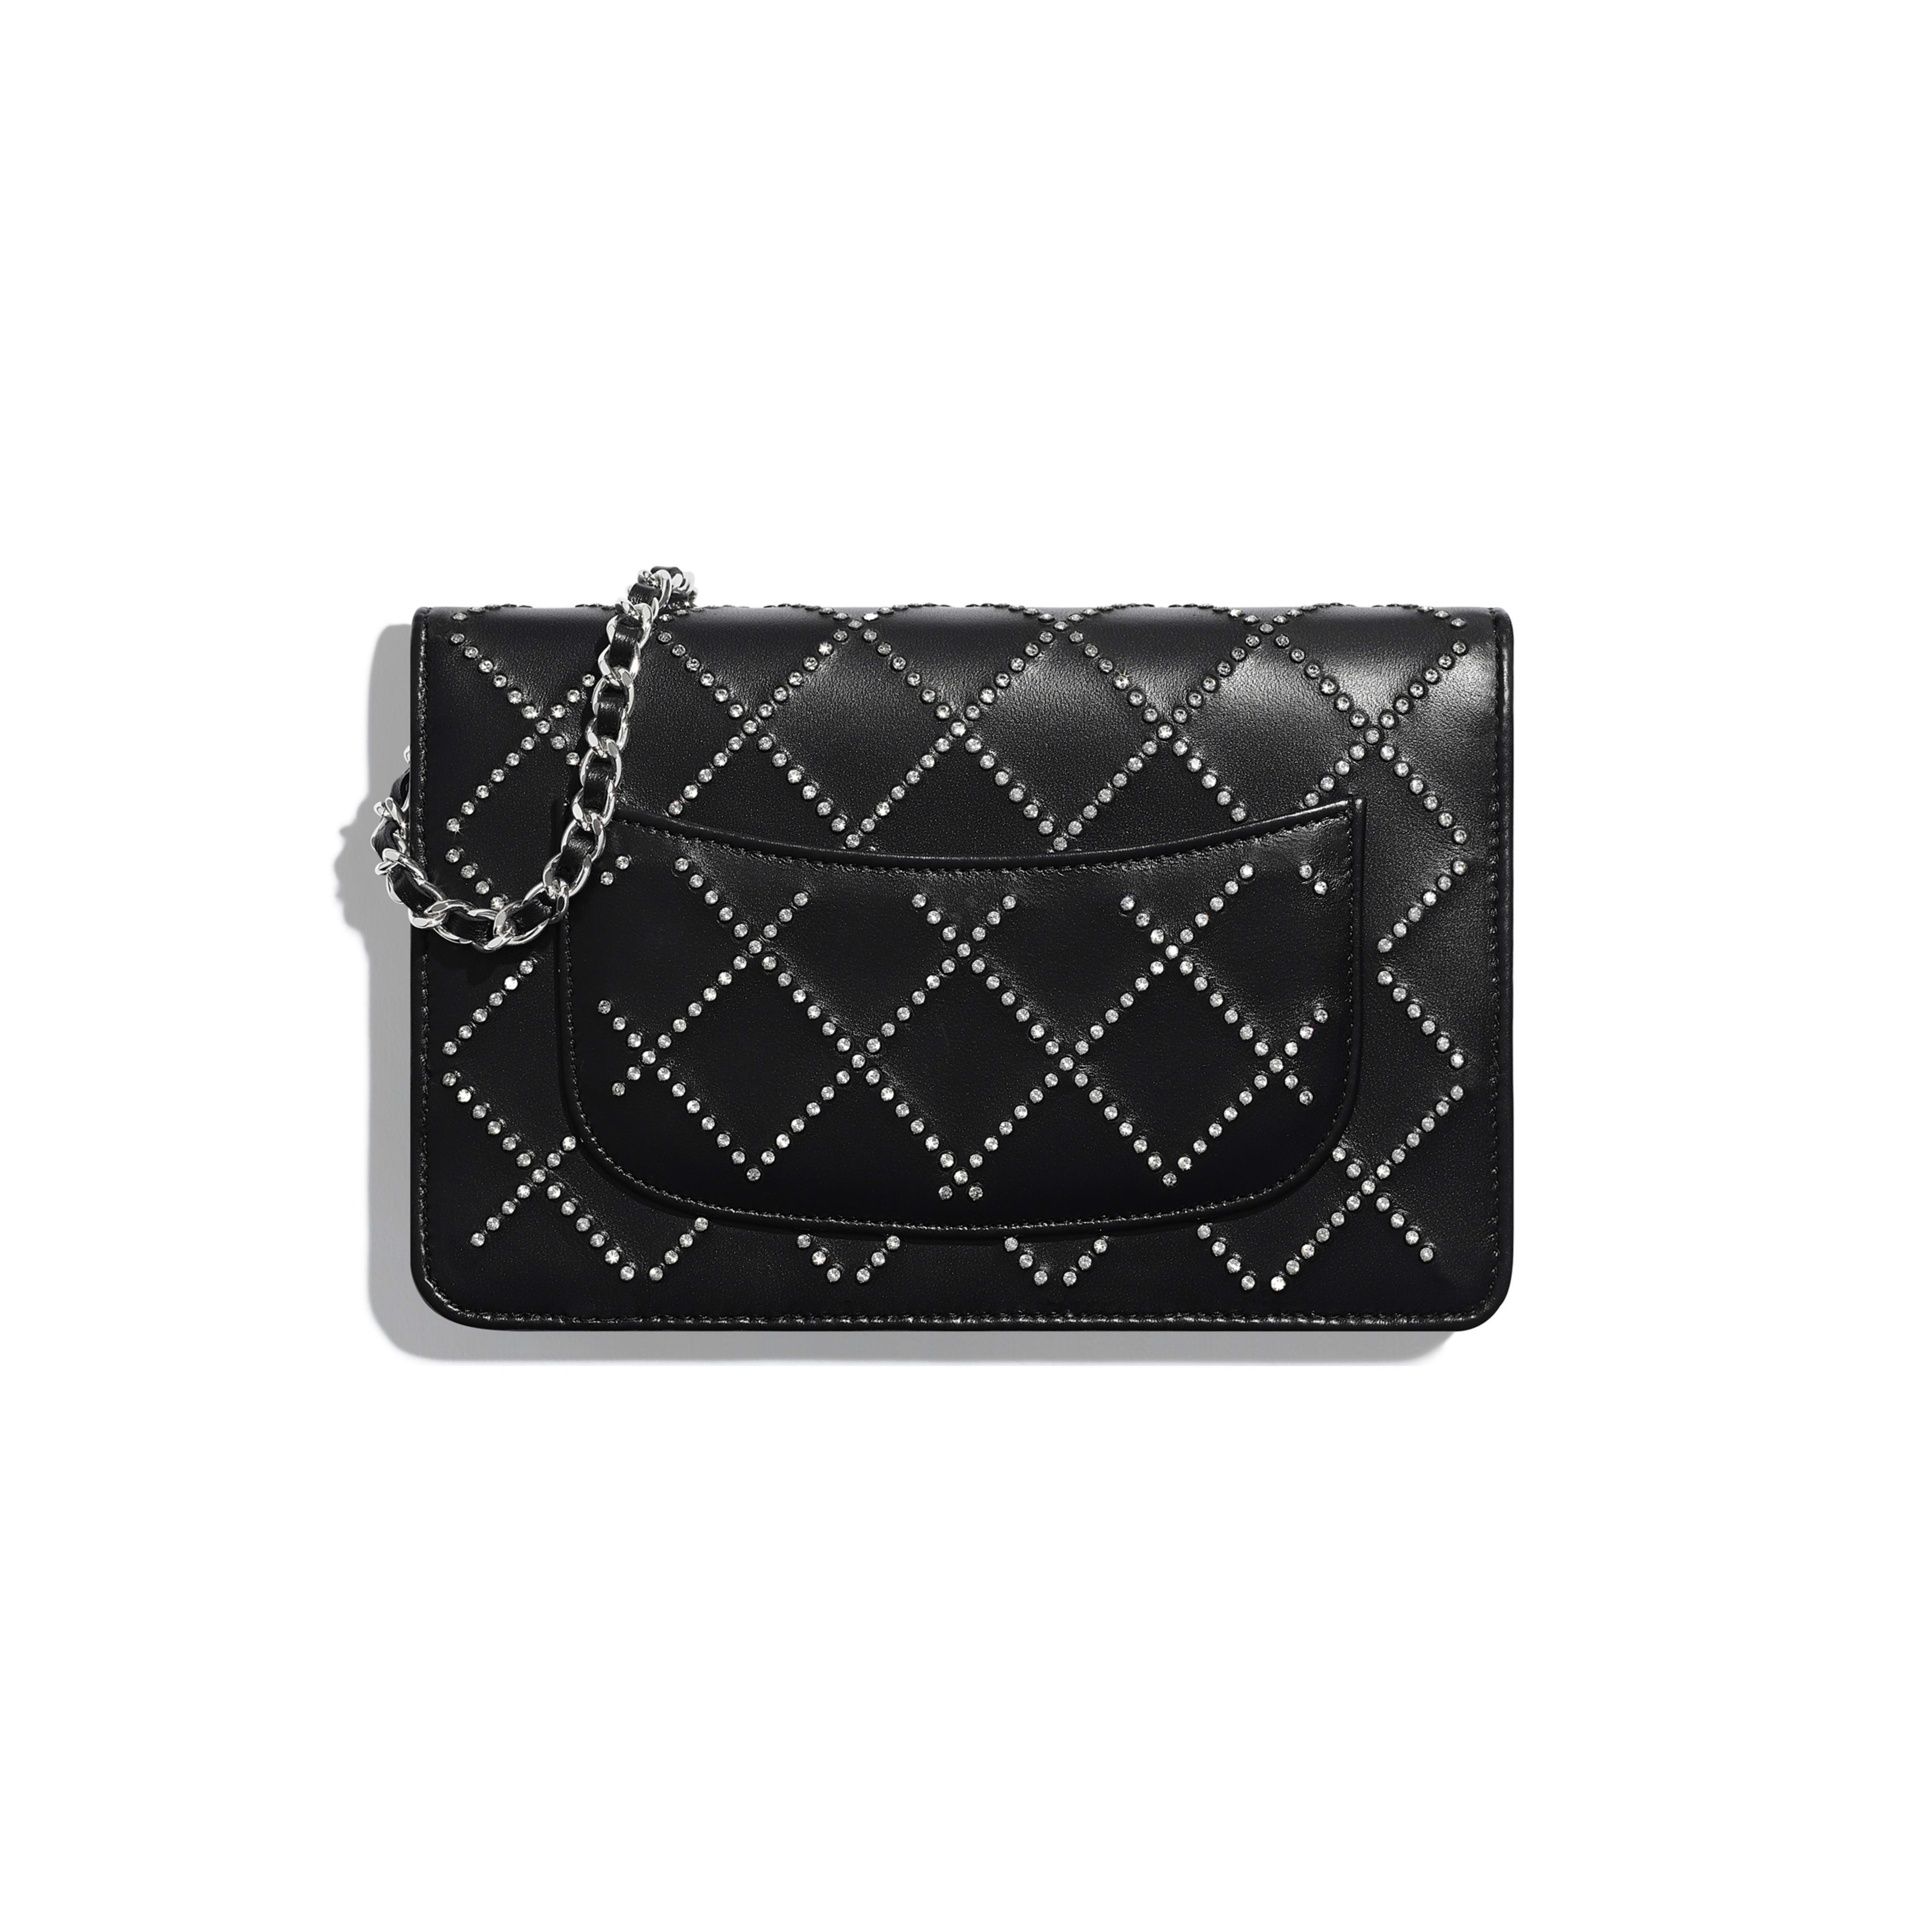 กระเป๋าสตางค์พร้อมสายโซ่ - สีดำ - หนังแกะมันเงา คริสตัล และโลหะสีเงิน - มุมมองทางอื่น - ดูเวอร์ชันขนาดเต็ม